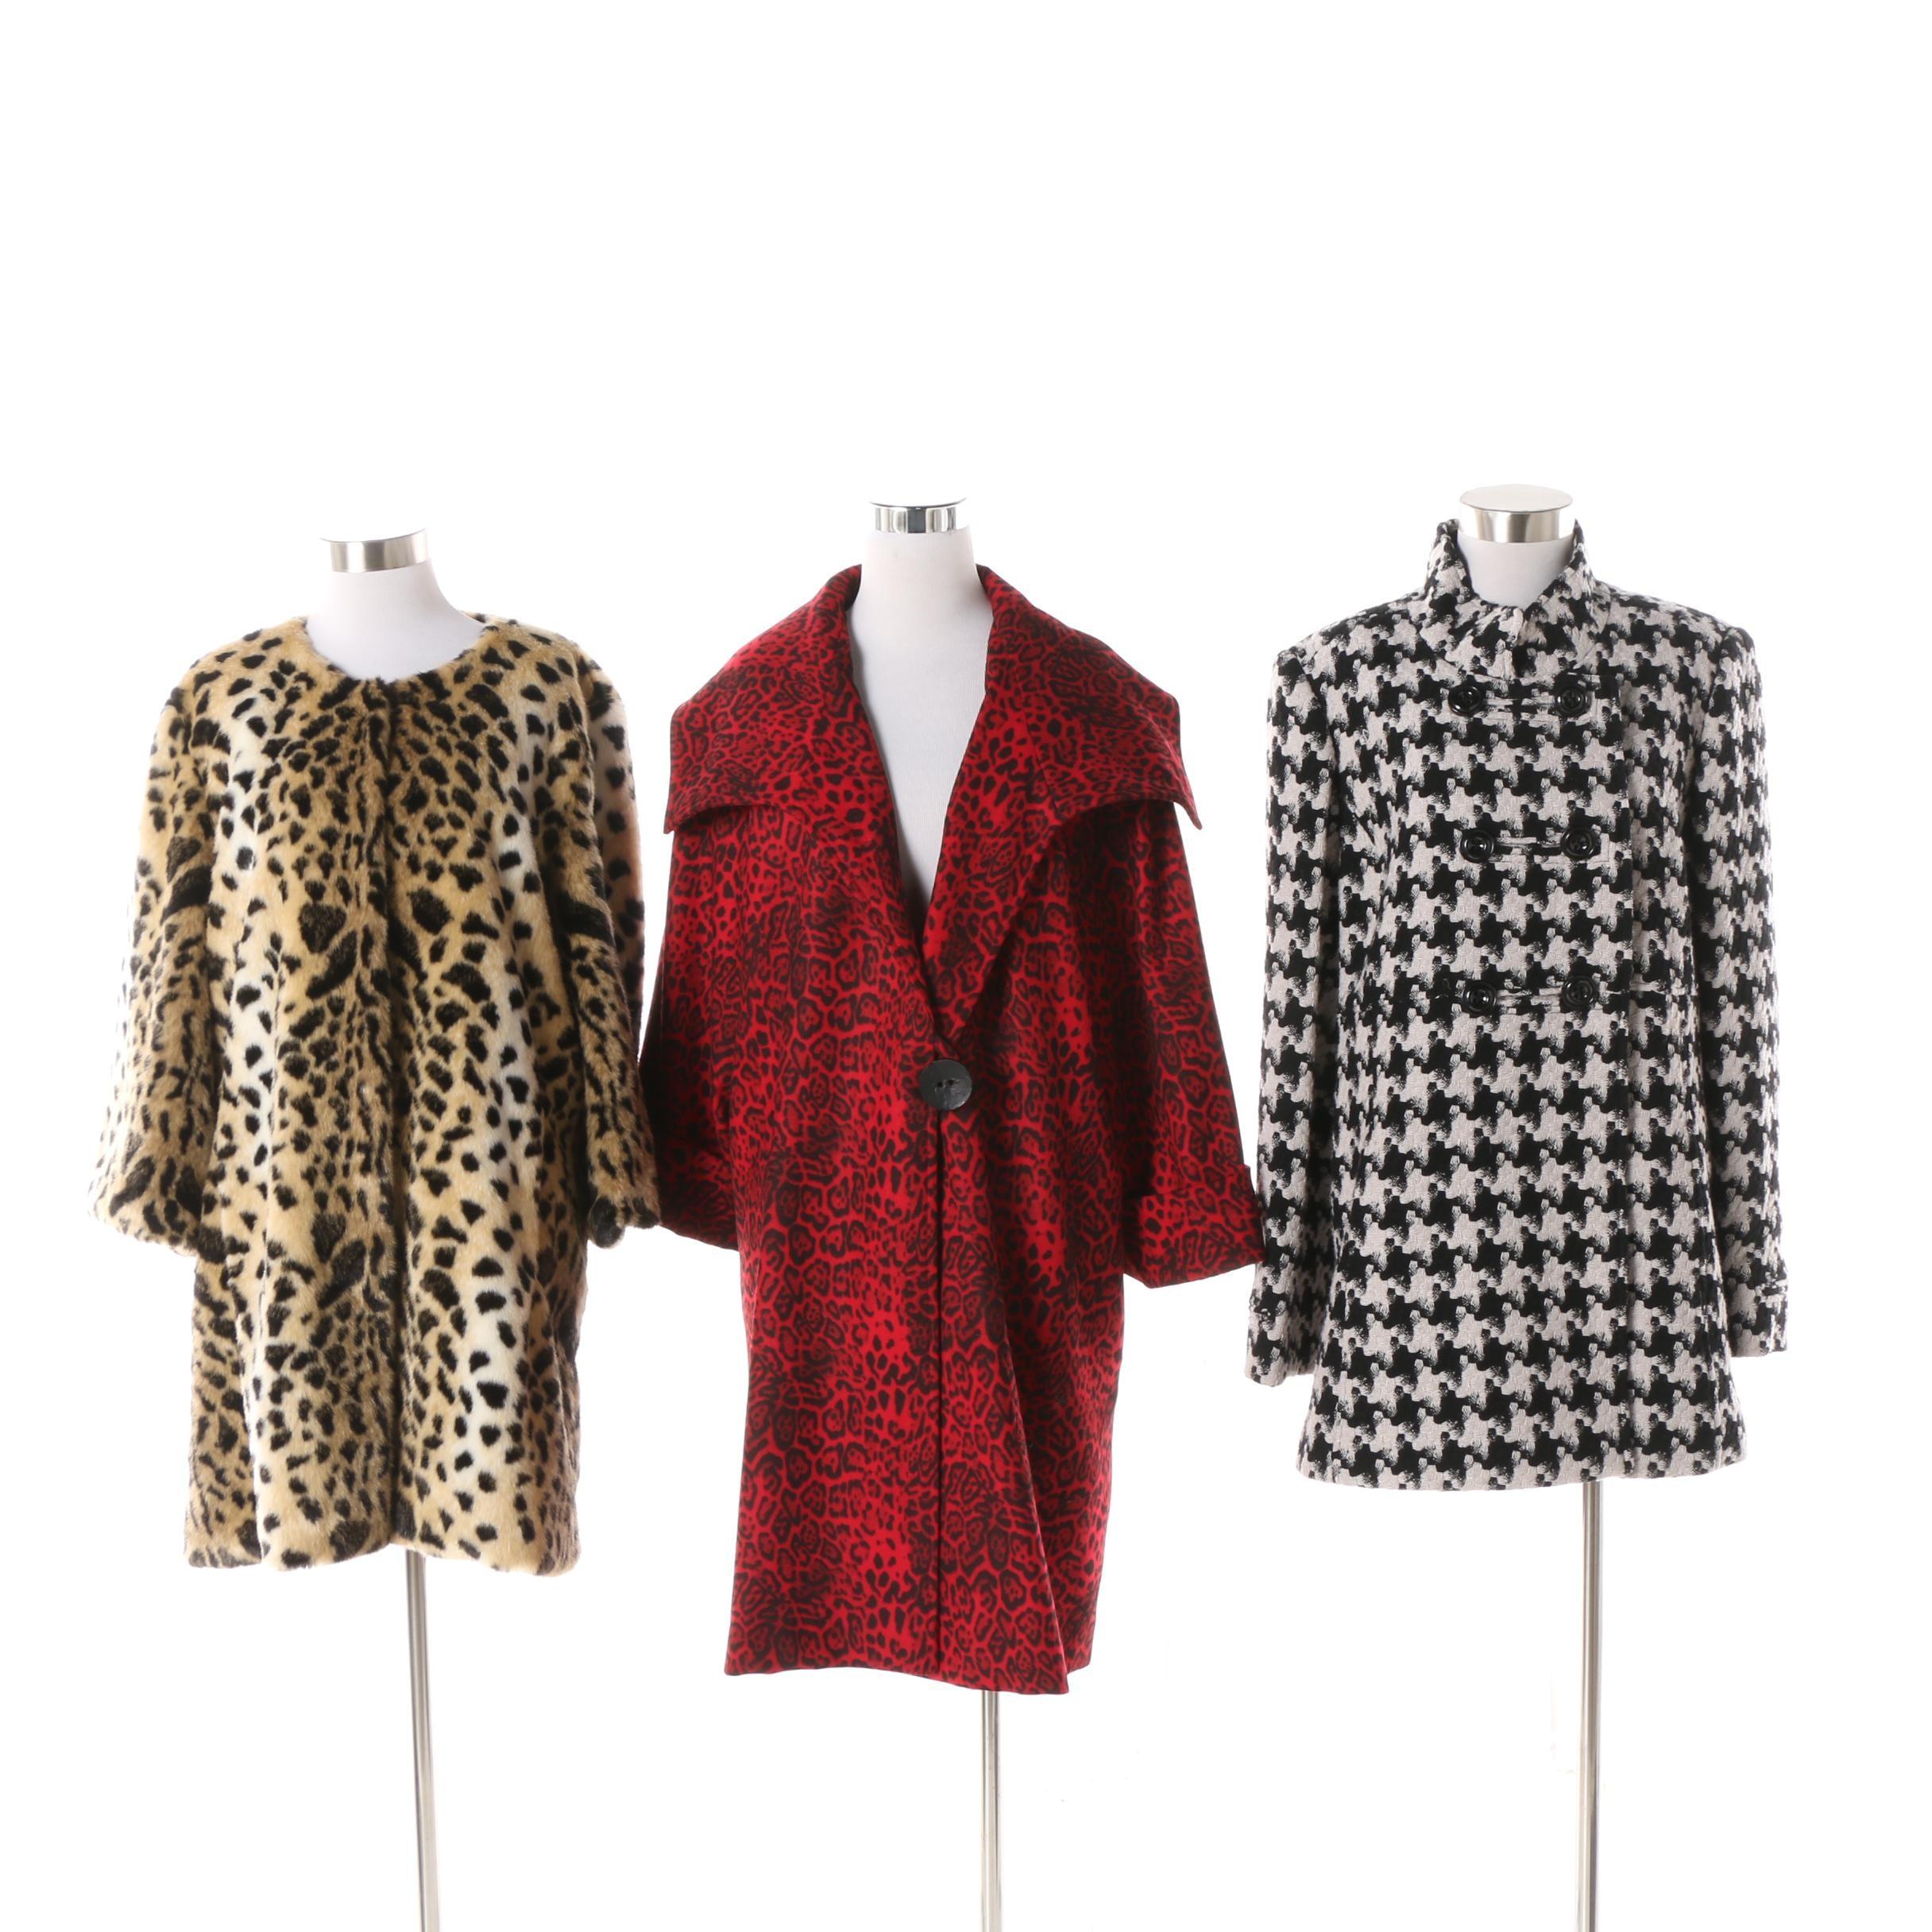 Tahari, Caroline Rose and Fabulous Furs Printed Coats